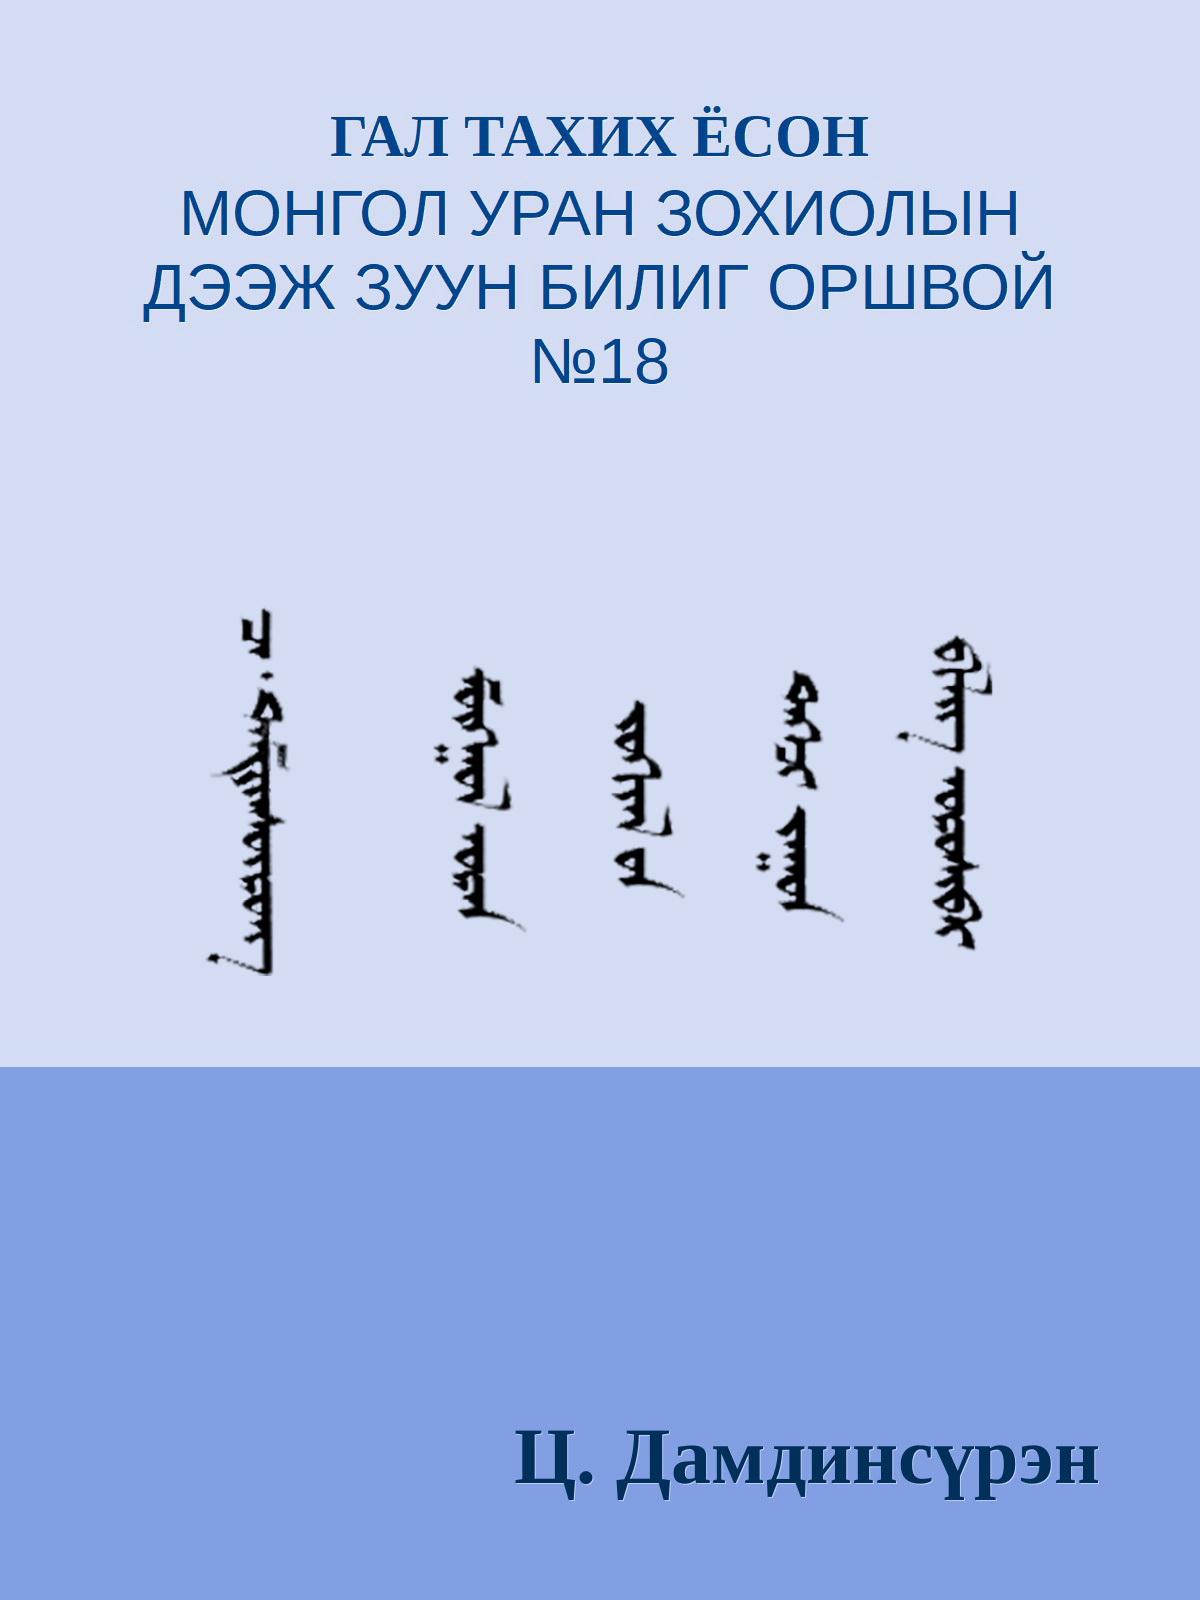 ГАЛ ТАХИХ ЁСОН